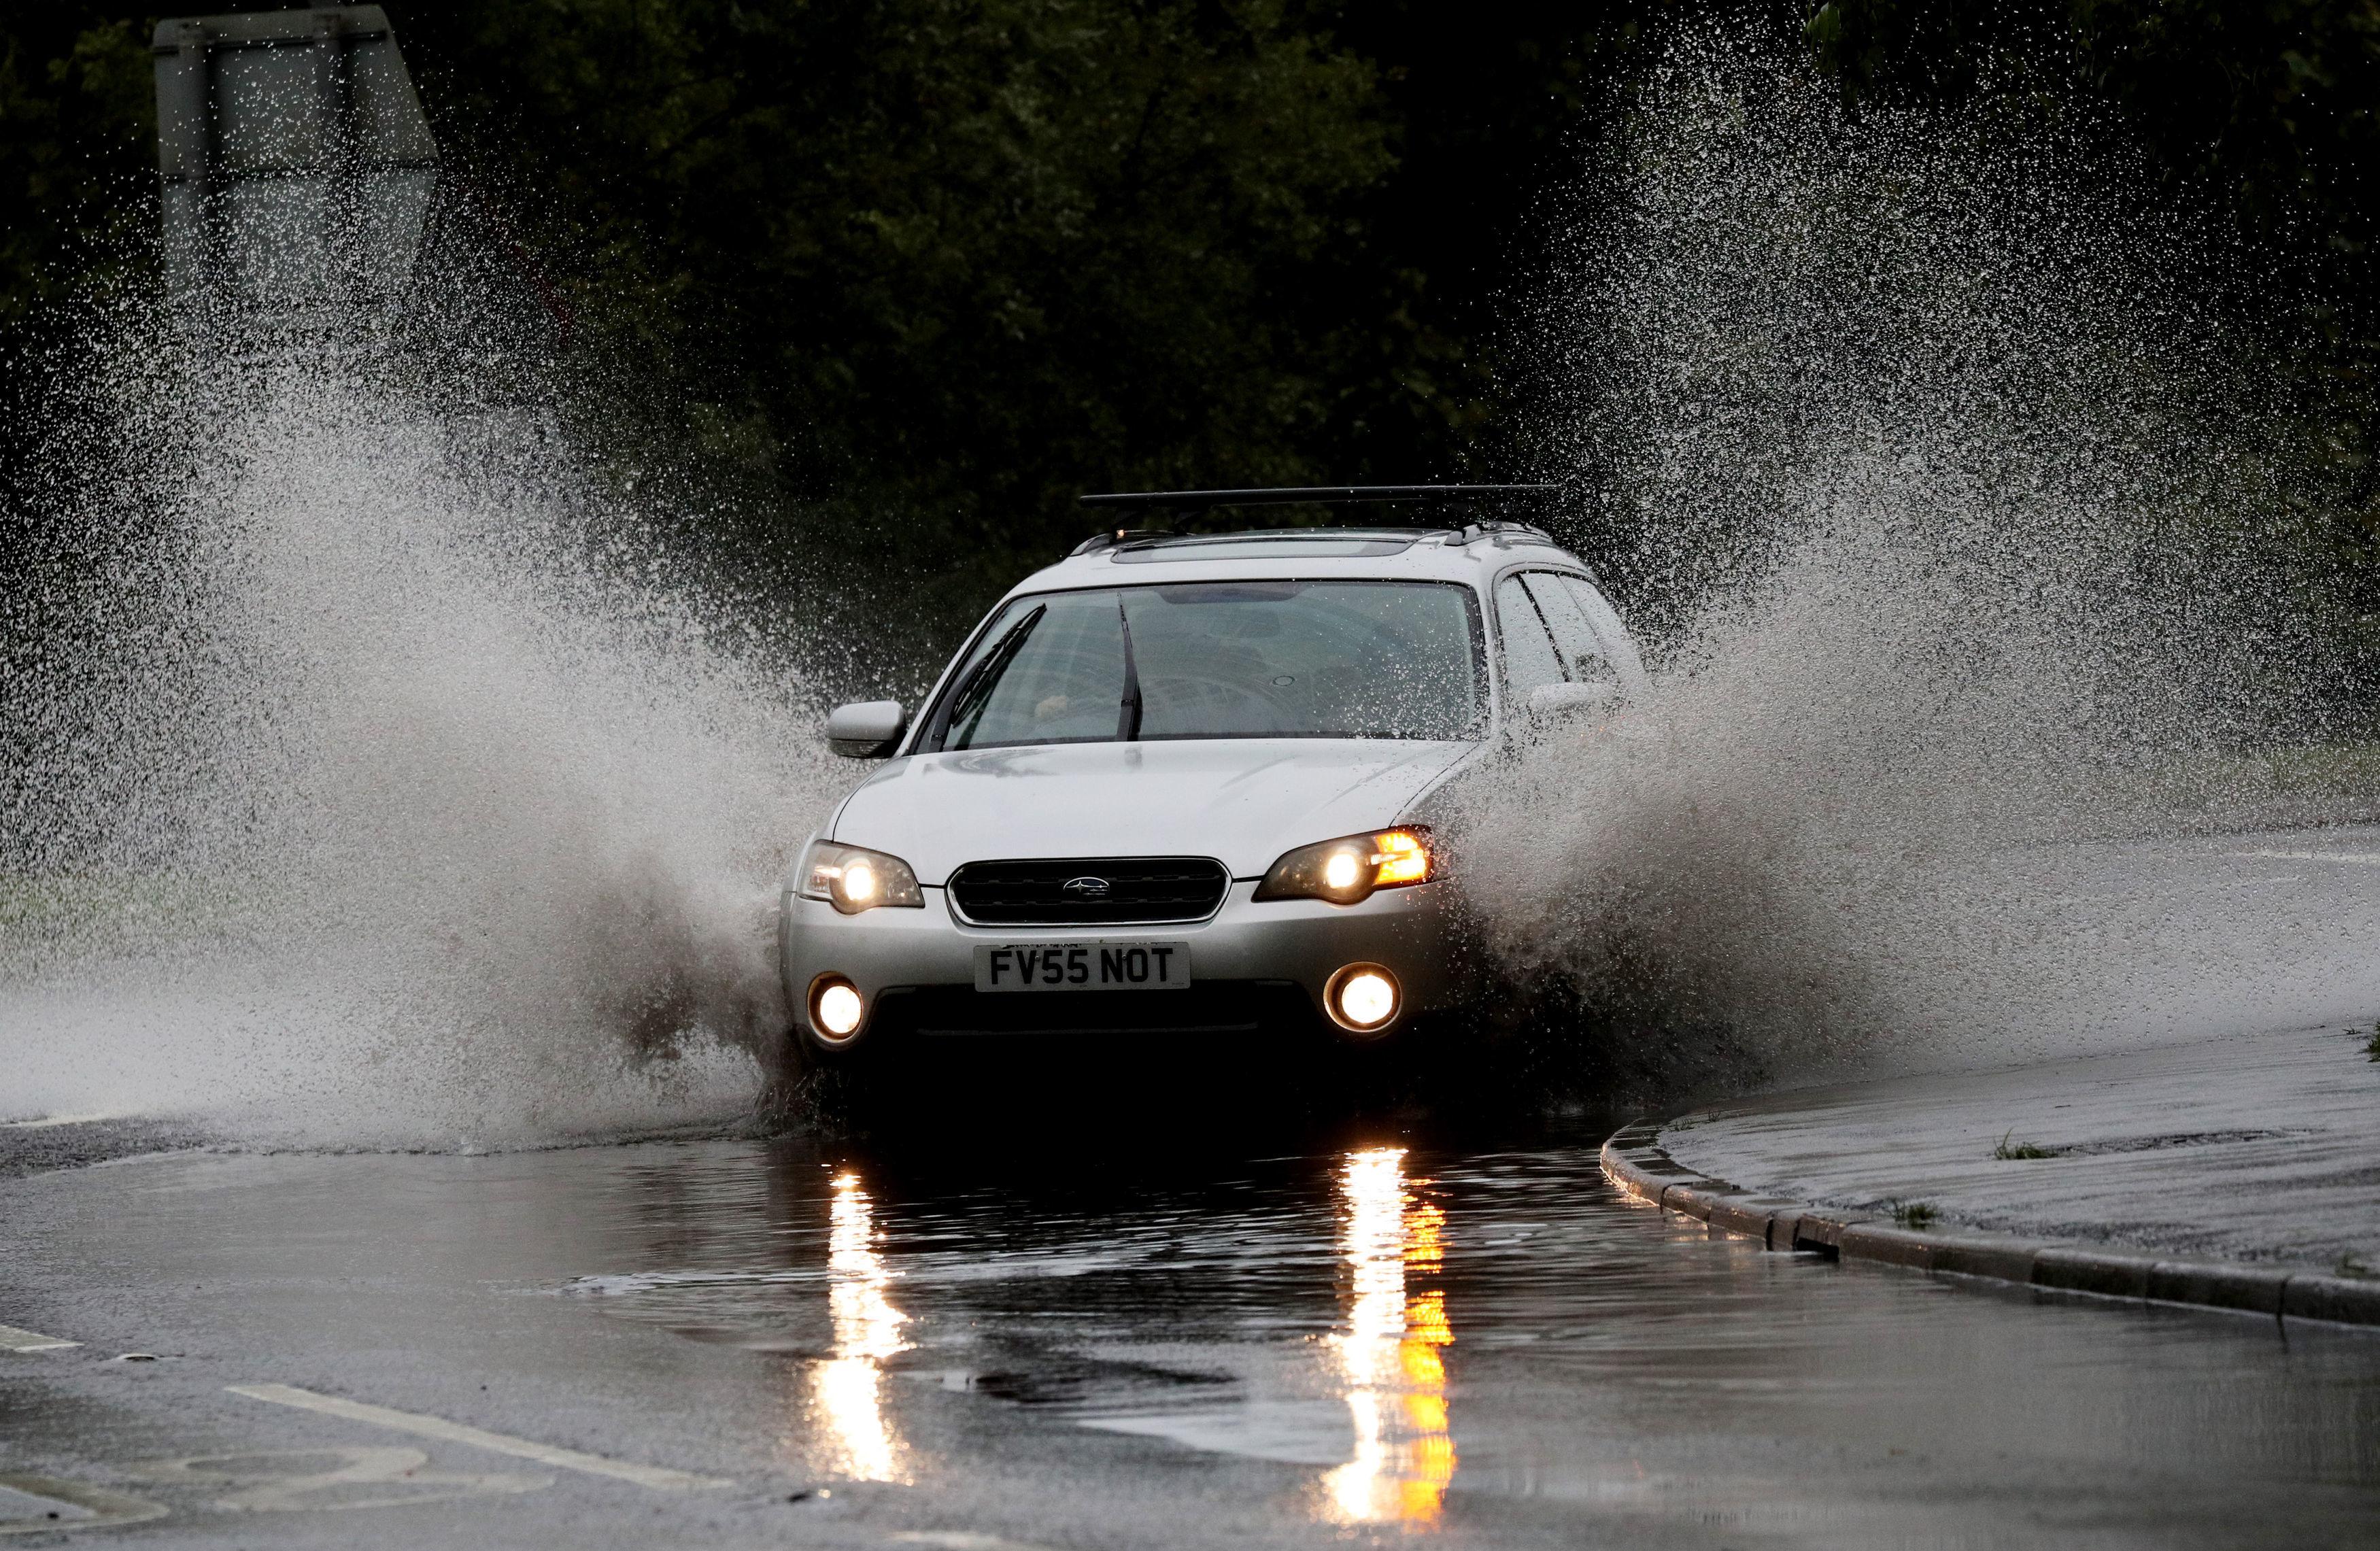 ยานพาหนะสร้างสเปรย์เมื่อผ่านน้ำฝนที่สะสมบนวงเวียนใน Maidenhead, Berkshire เมื่อวานนี้